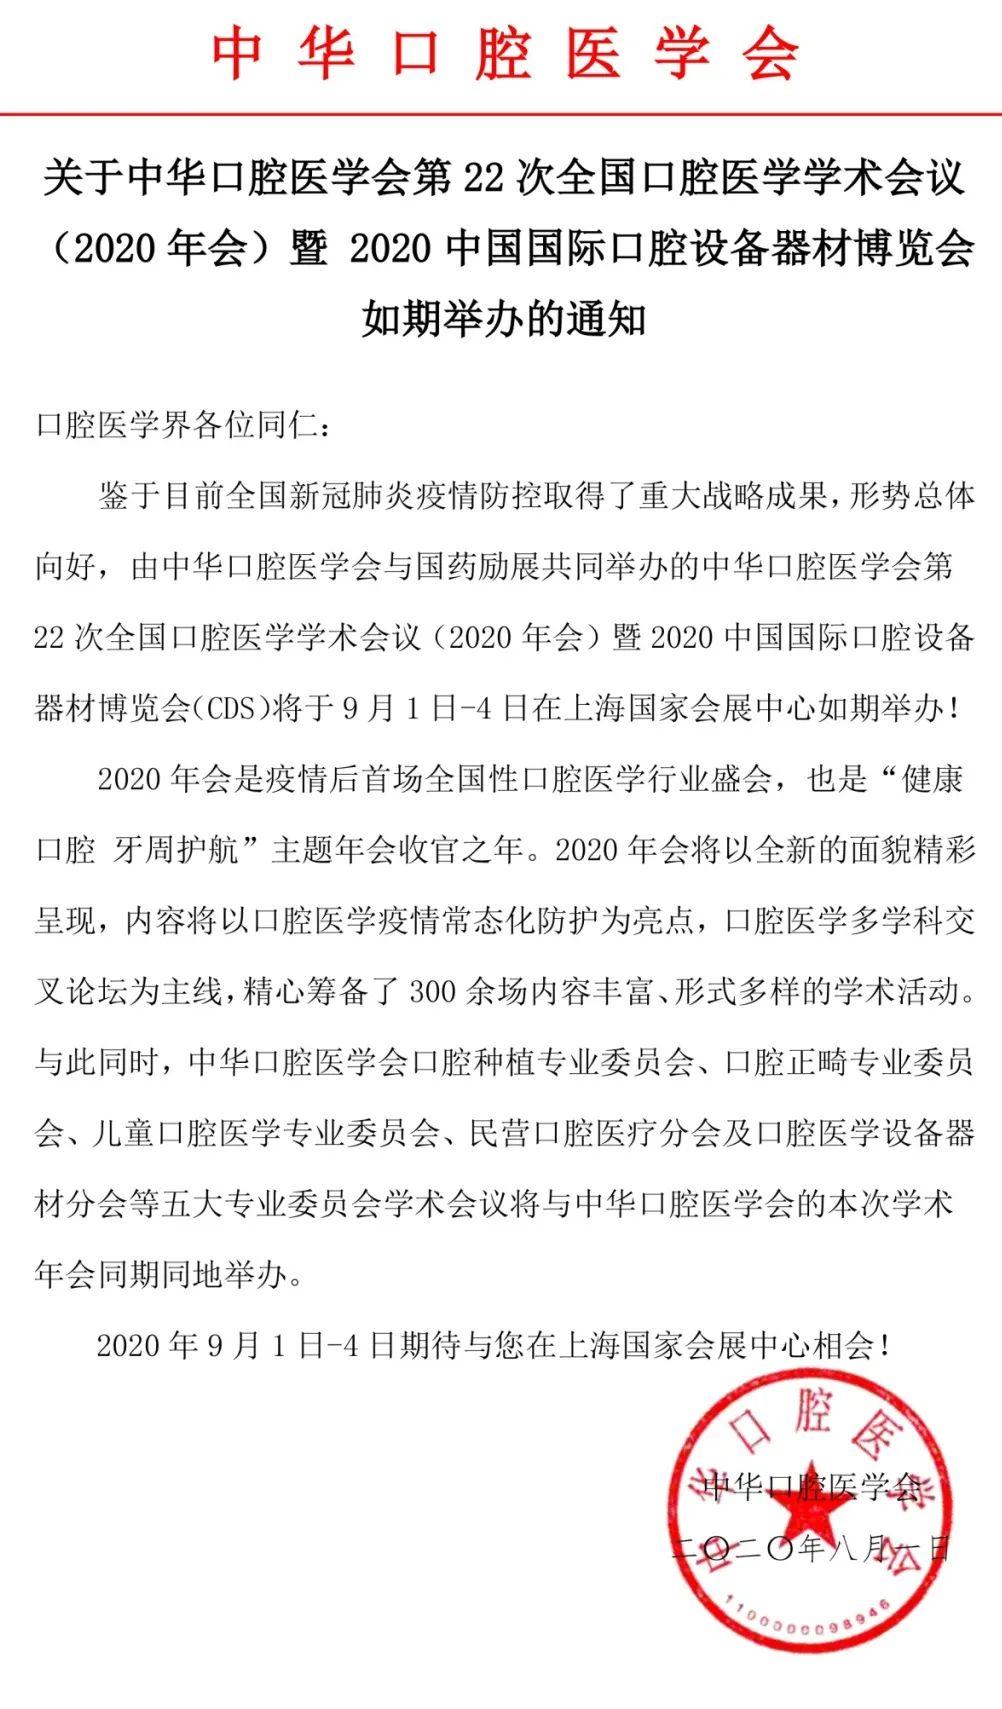 中华口腔医学会周报2020年27期